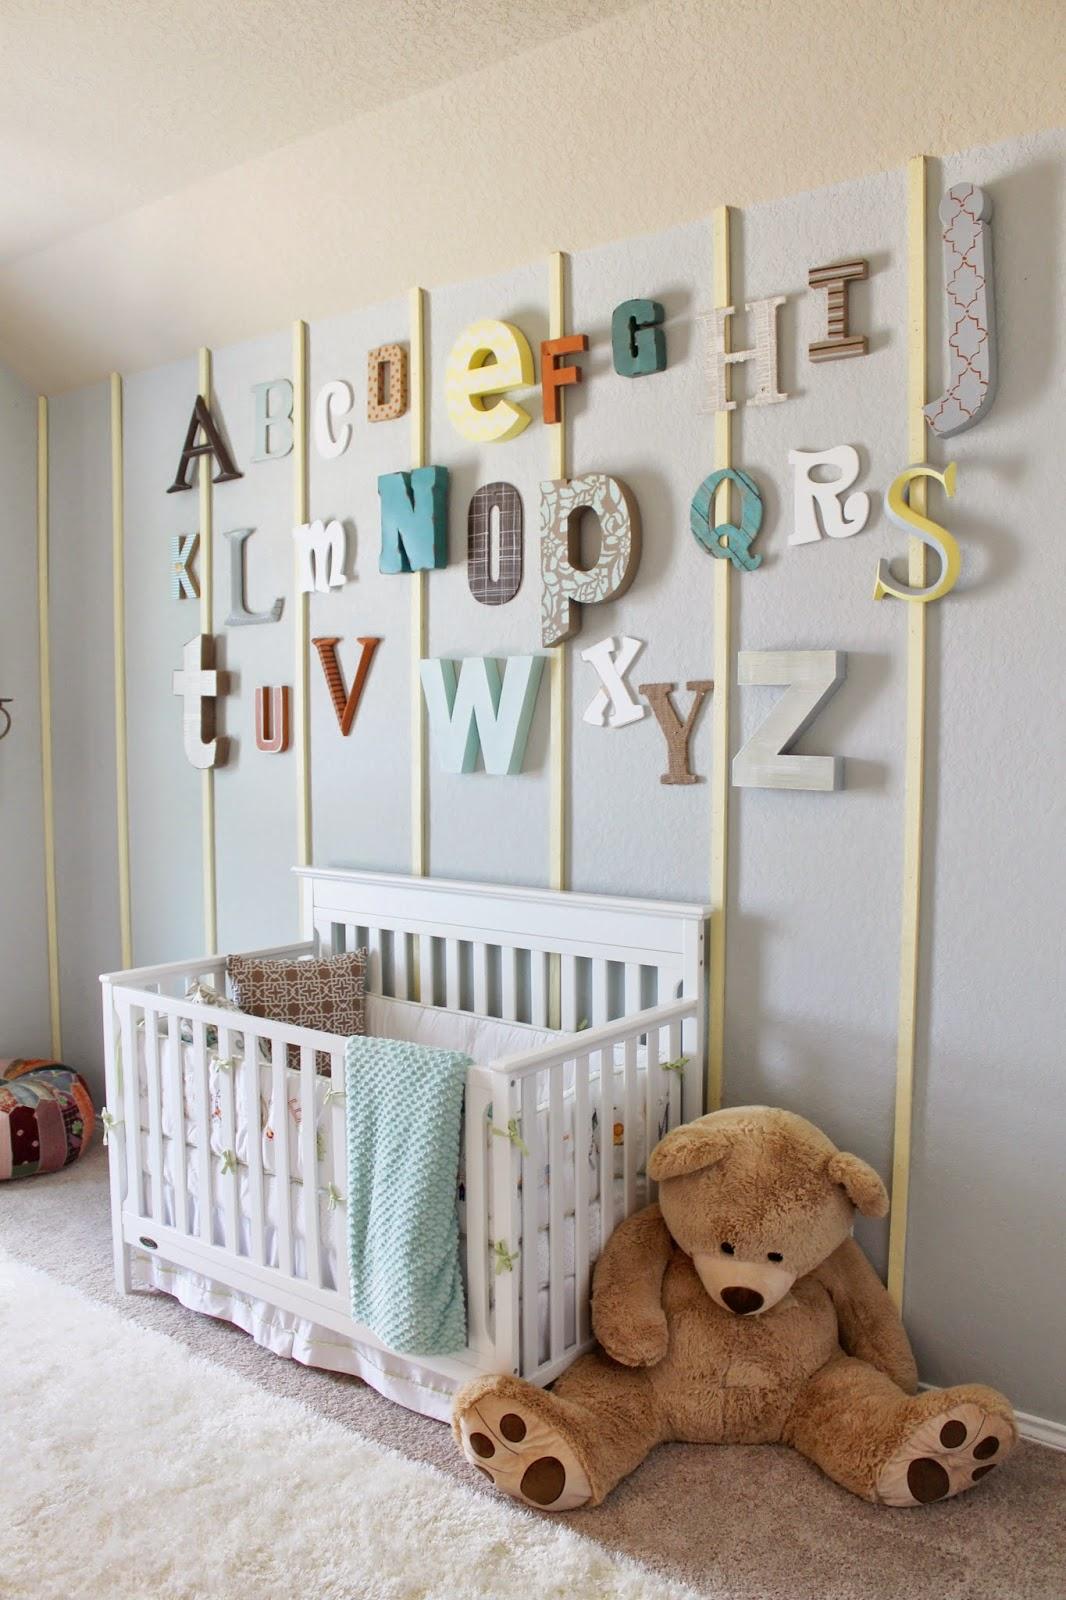 Letras de madera abecedario 1